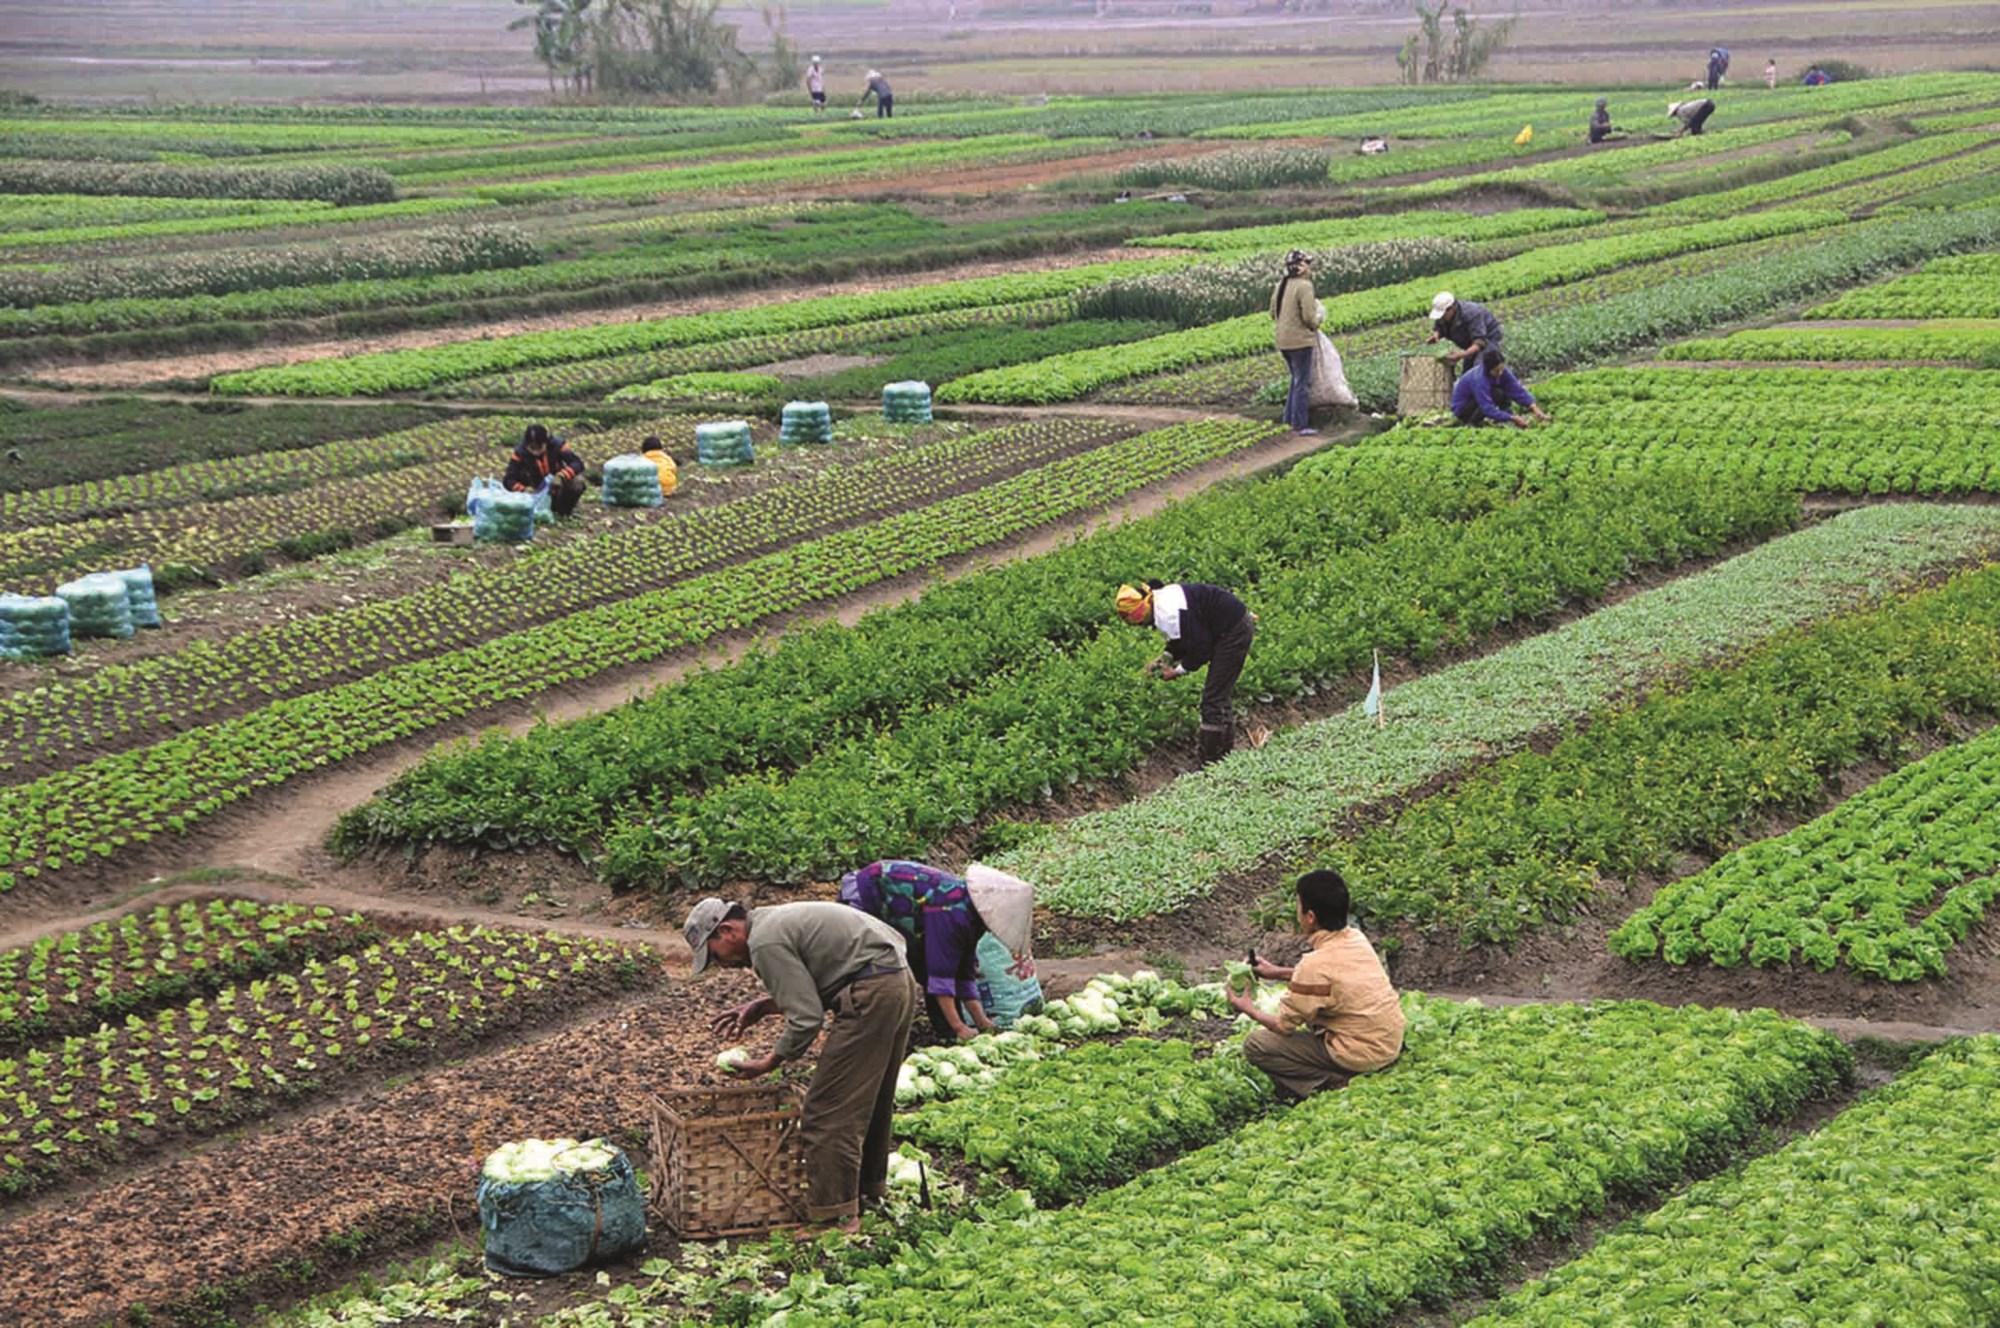 Việc ứng dụng tiến bộ KH&CN góp phần nâng cao năng suất, chất lượng sản phẩm nông nghiệp.